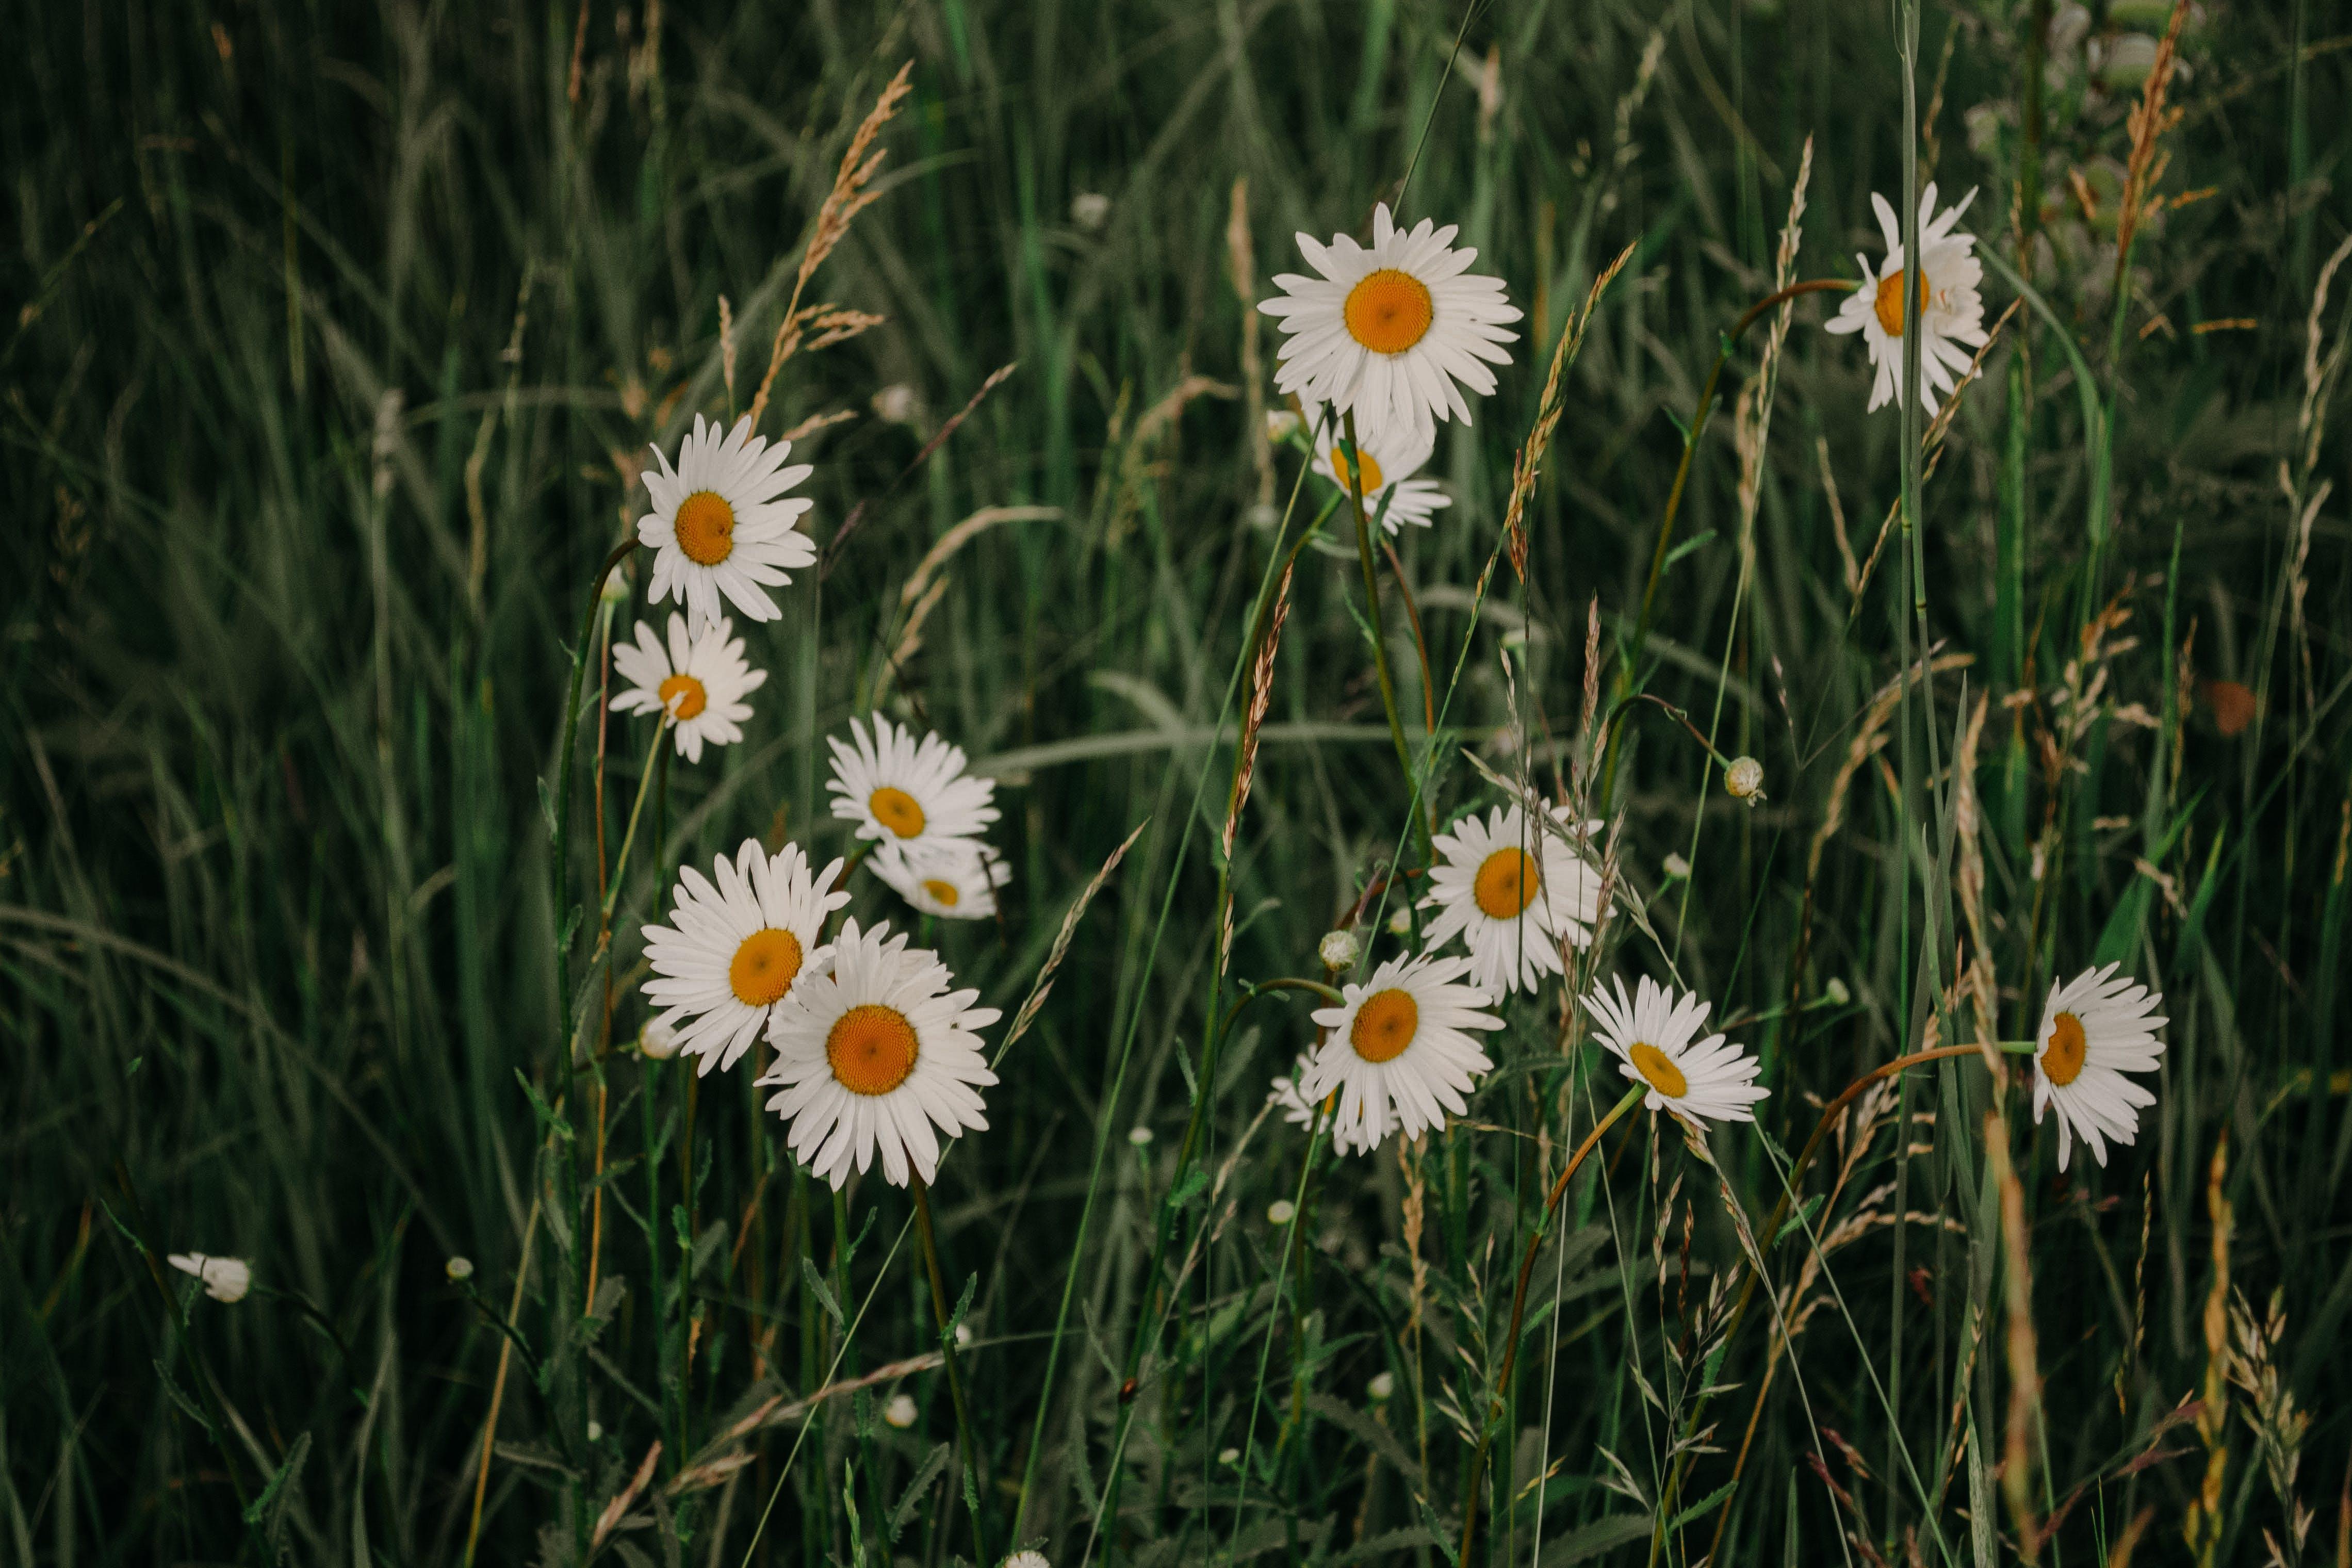 계절, 꽃, 꽃이 피는, 대자연의 무료 스톡 사진